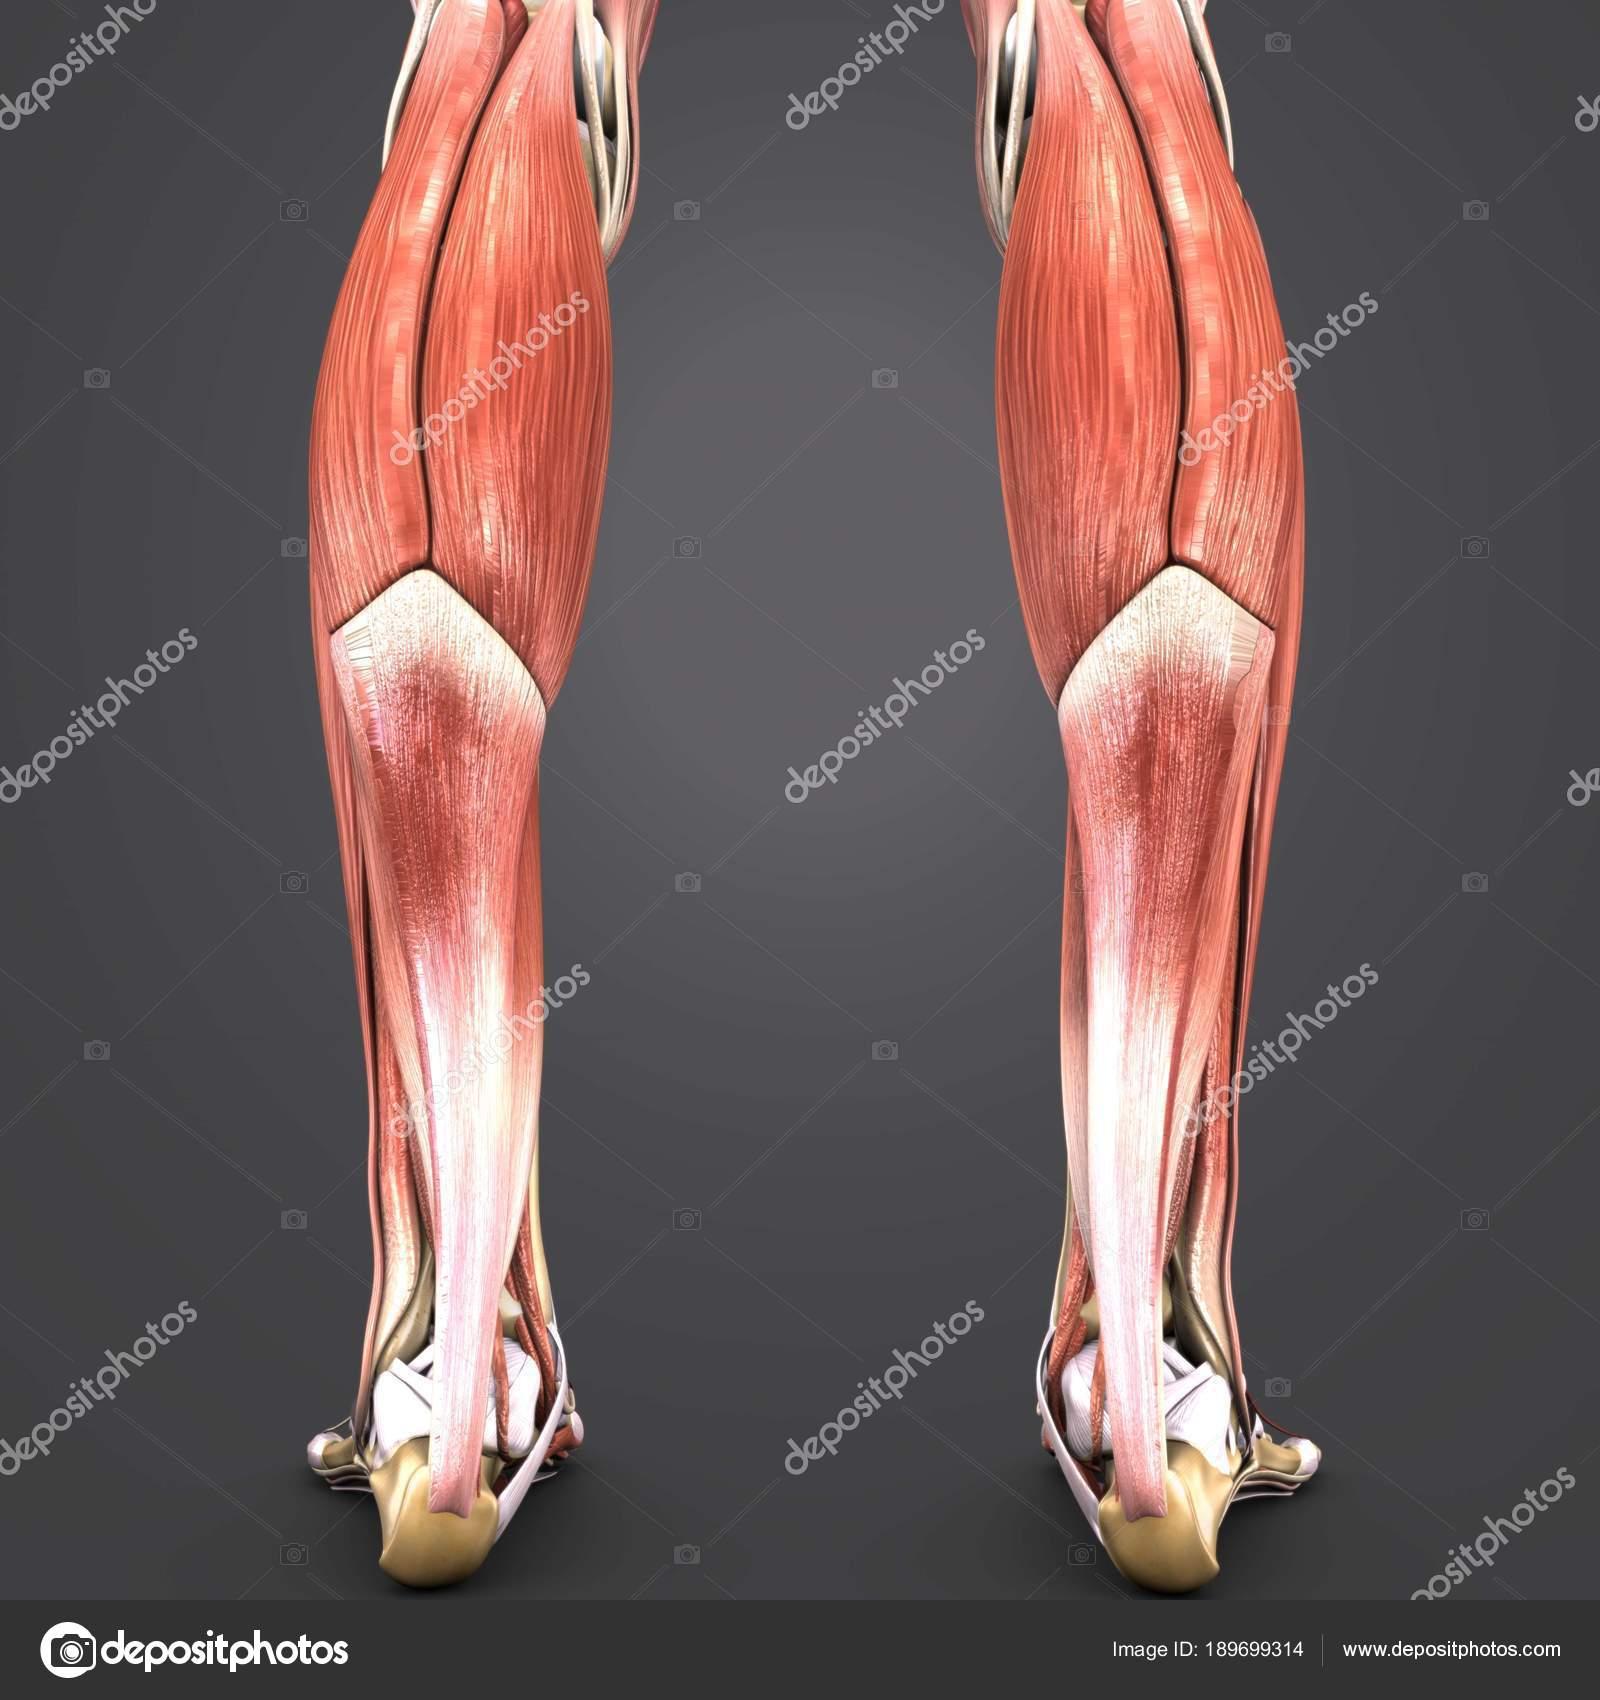 Bunte Medizinische Illustration Der Menschlichen Muskeln Der Beine ...